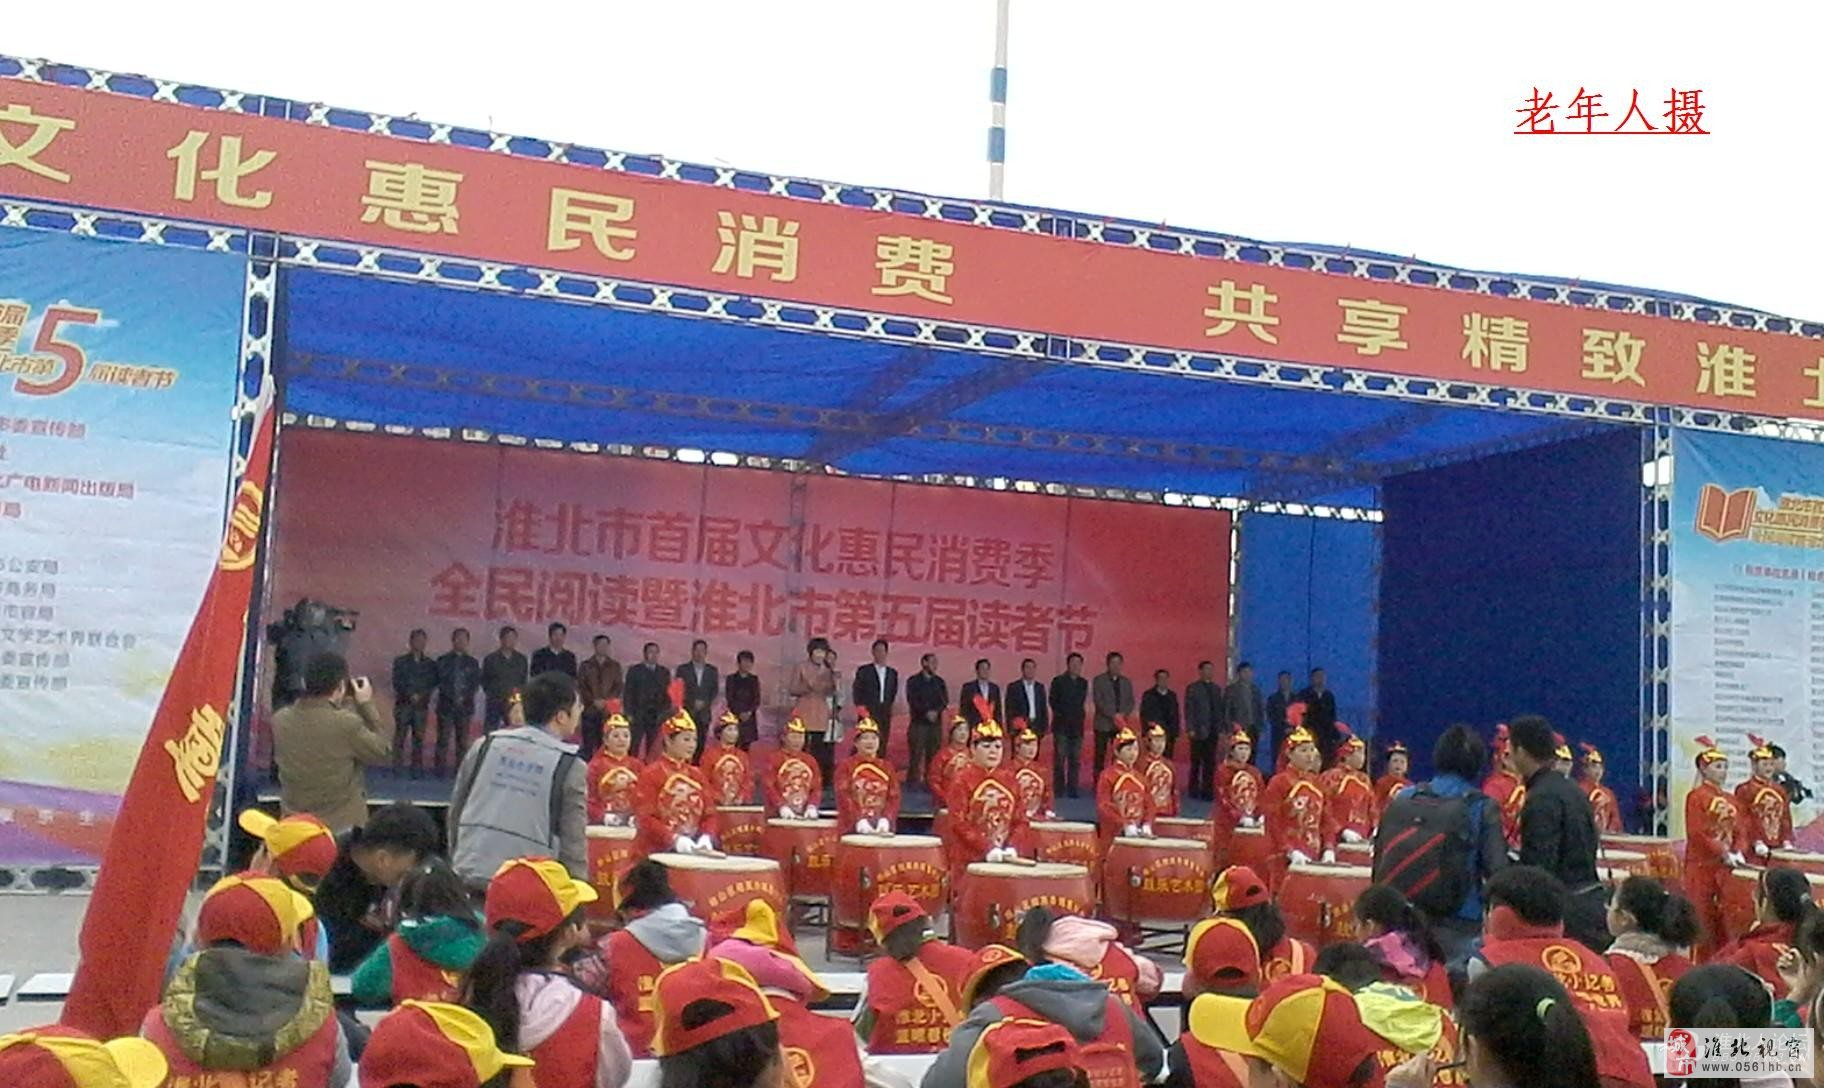 第5届读者节今天在淮北体育场开幕